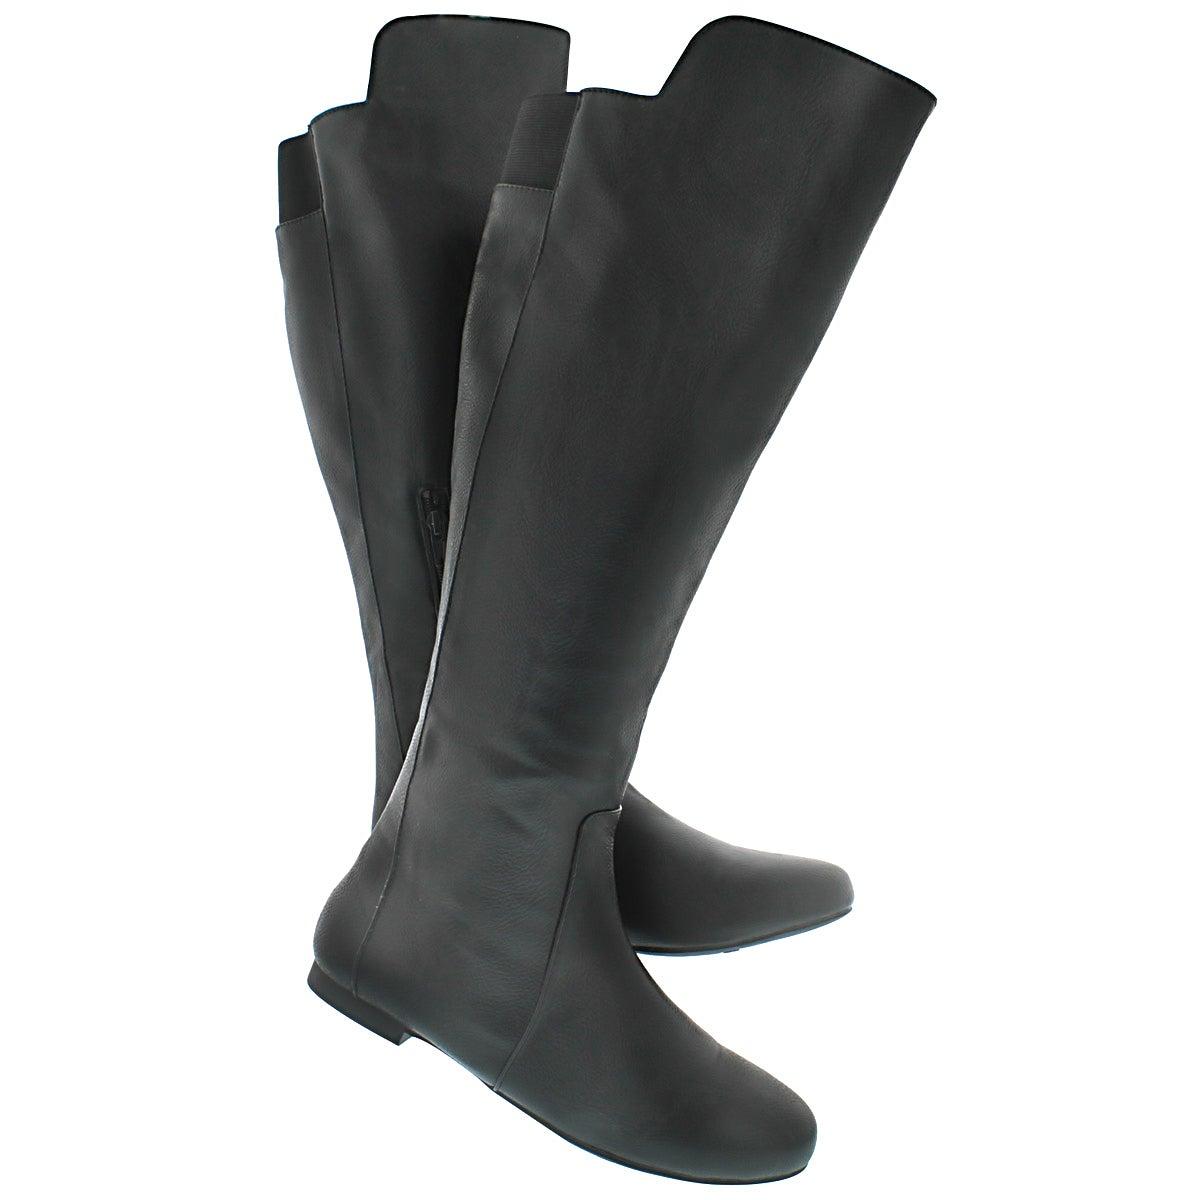 Lds Tiara blk tall casual boot